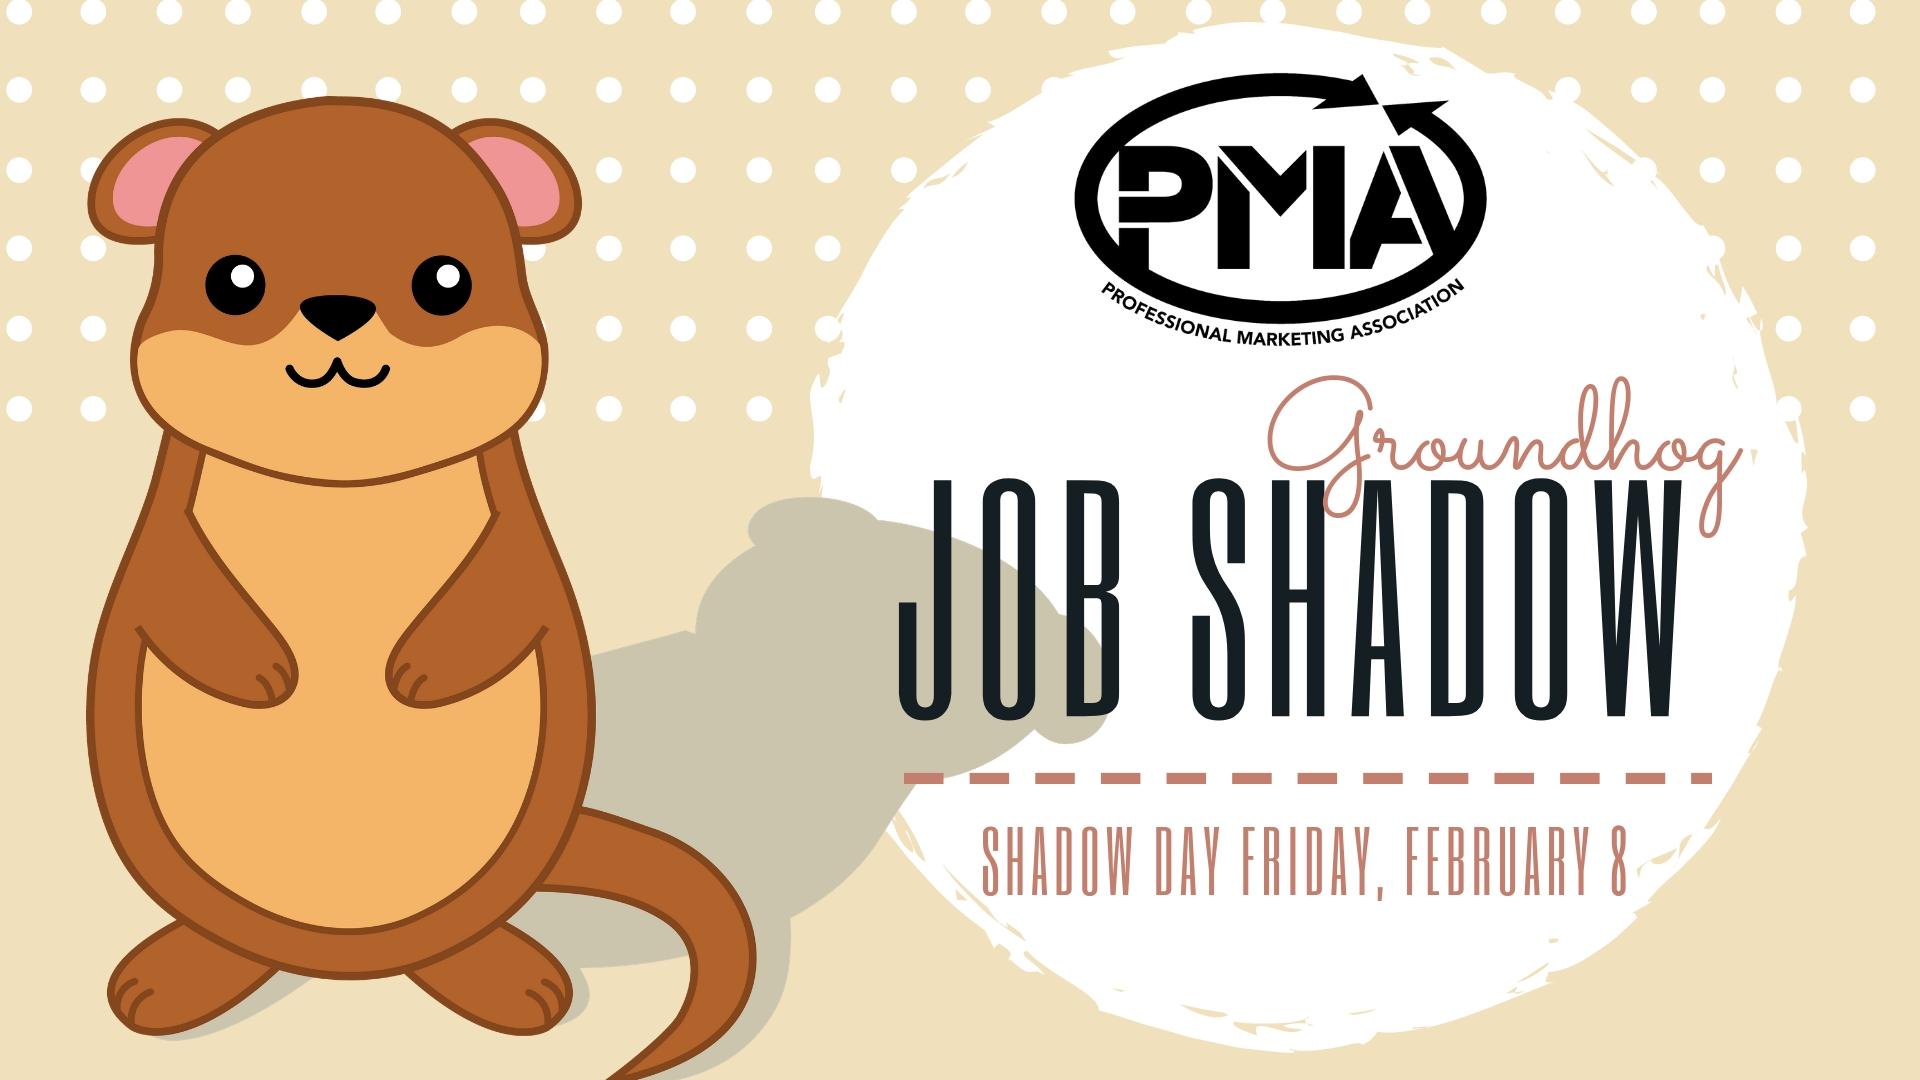 Groundhog Job Shadow Day 2019